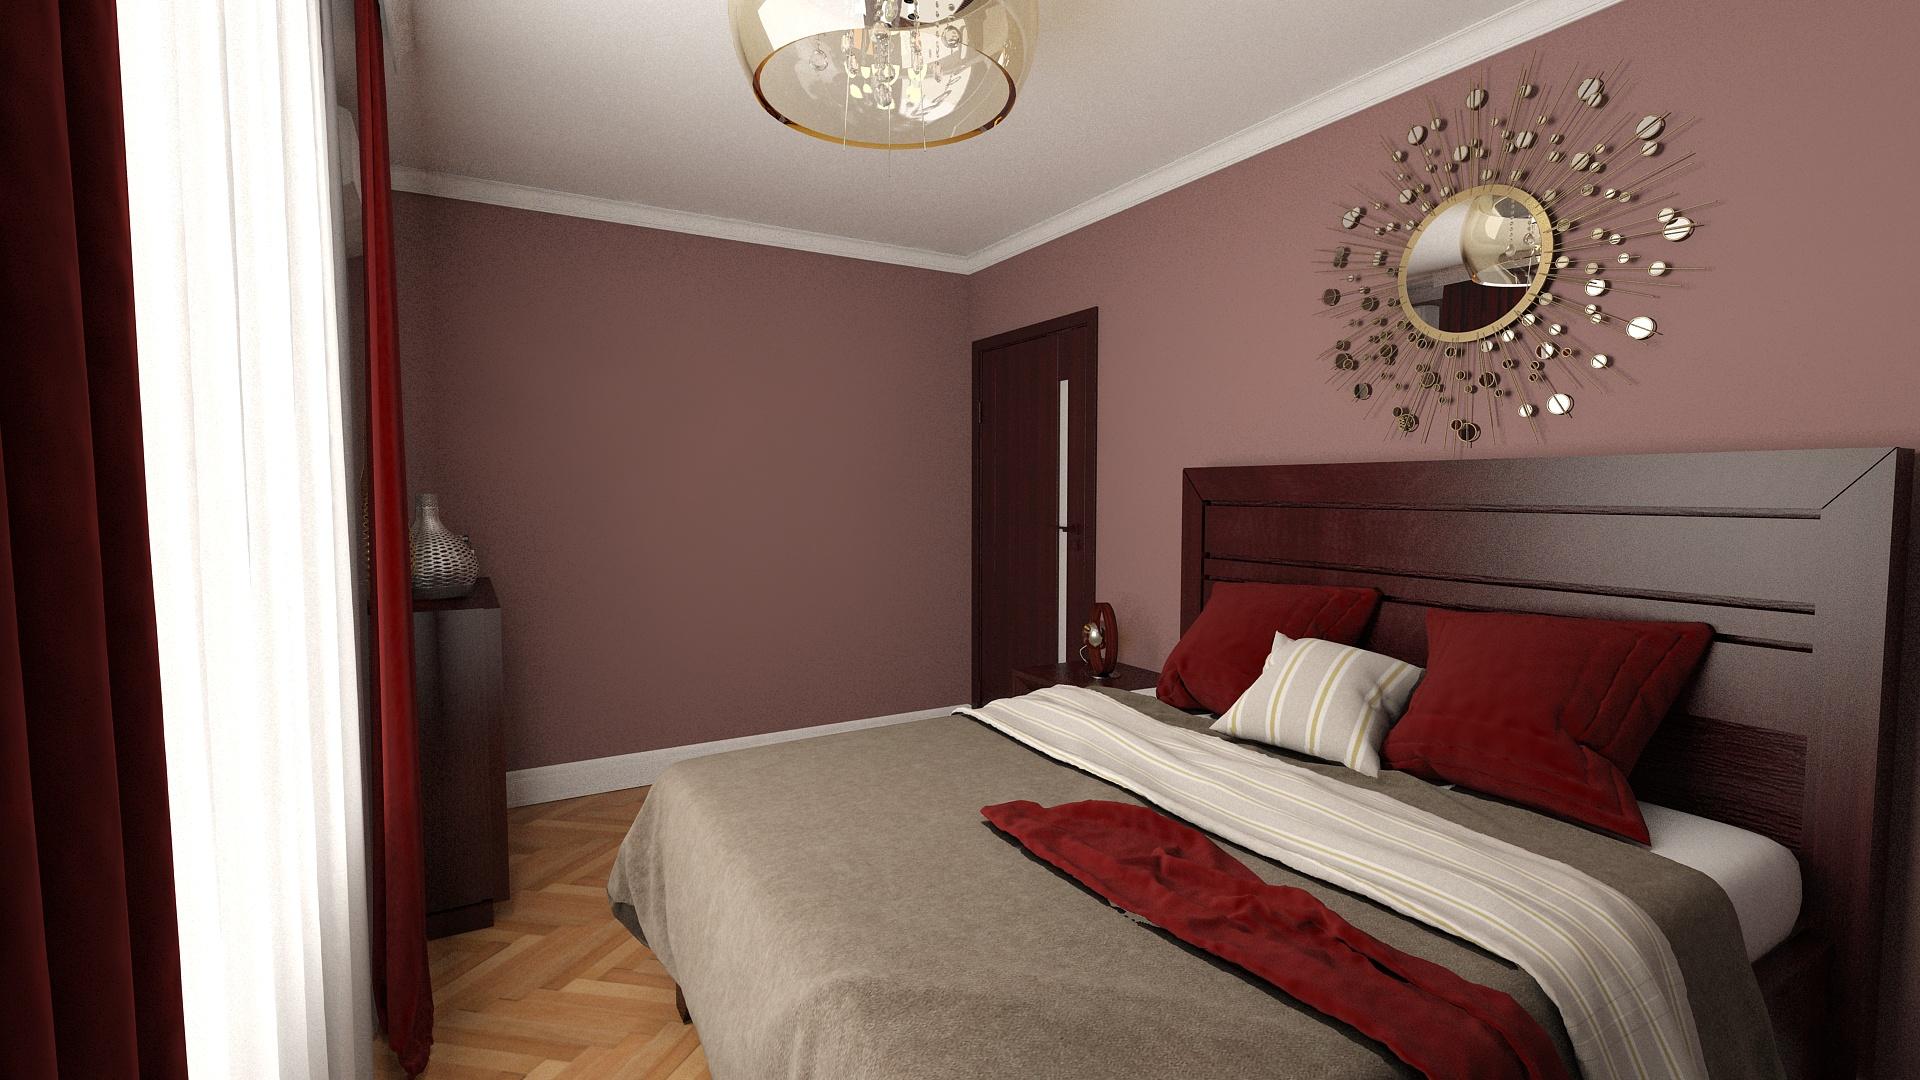 Avantajele serviciilor de design interior - Intorio dijayin ...